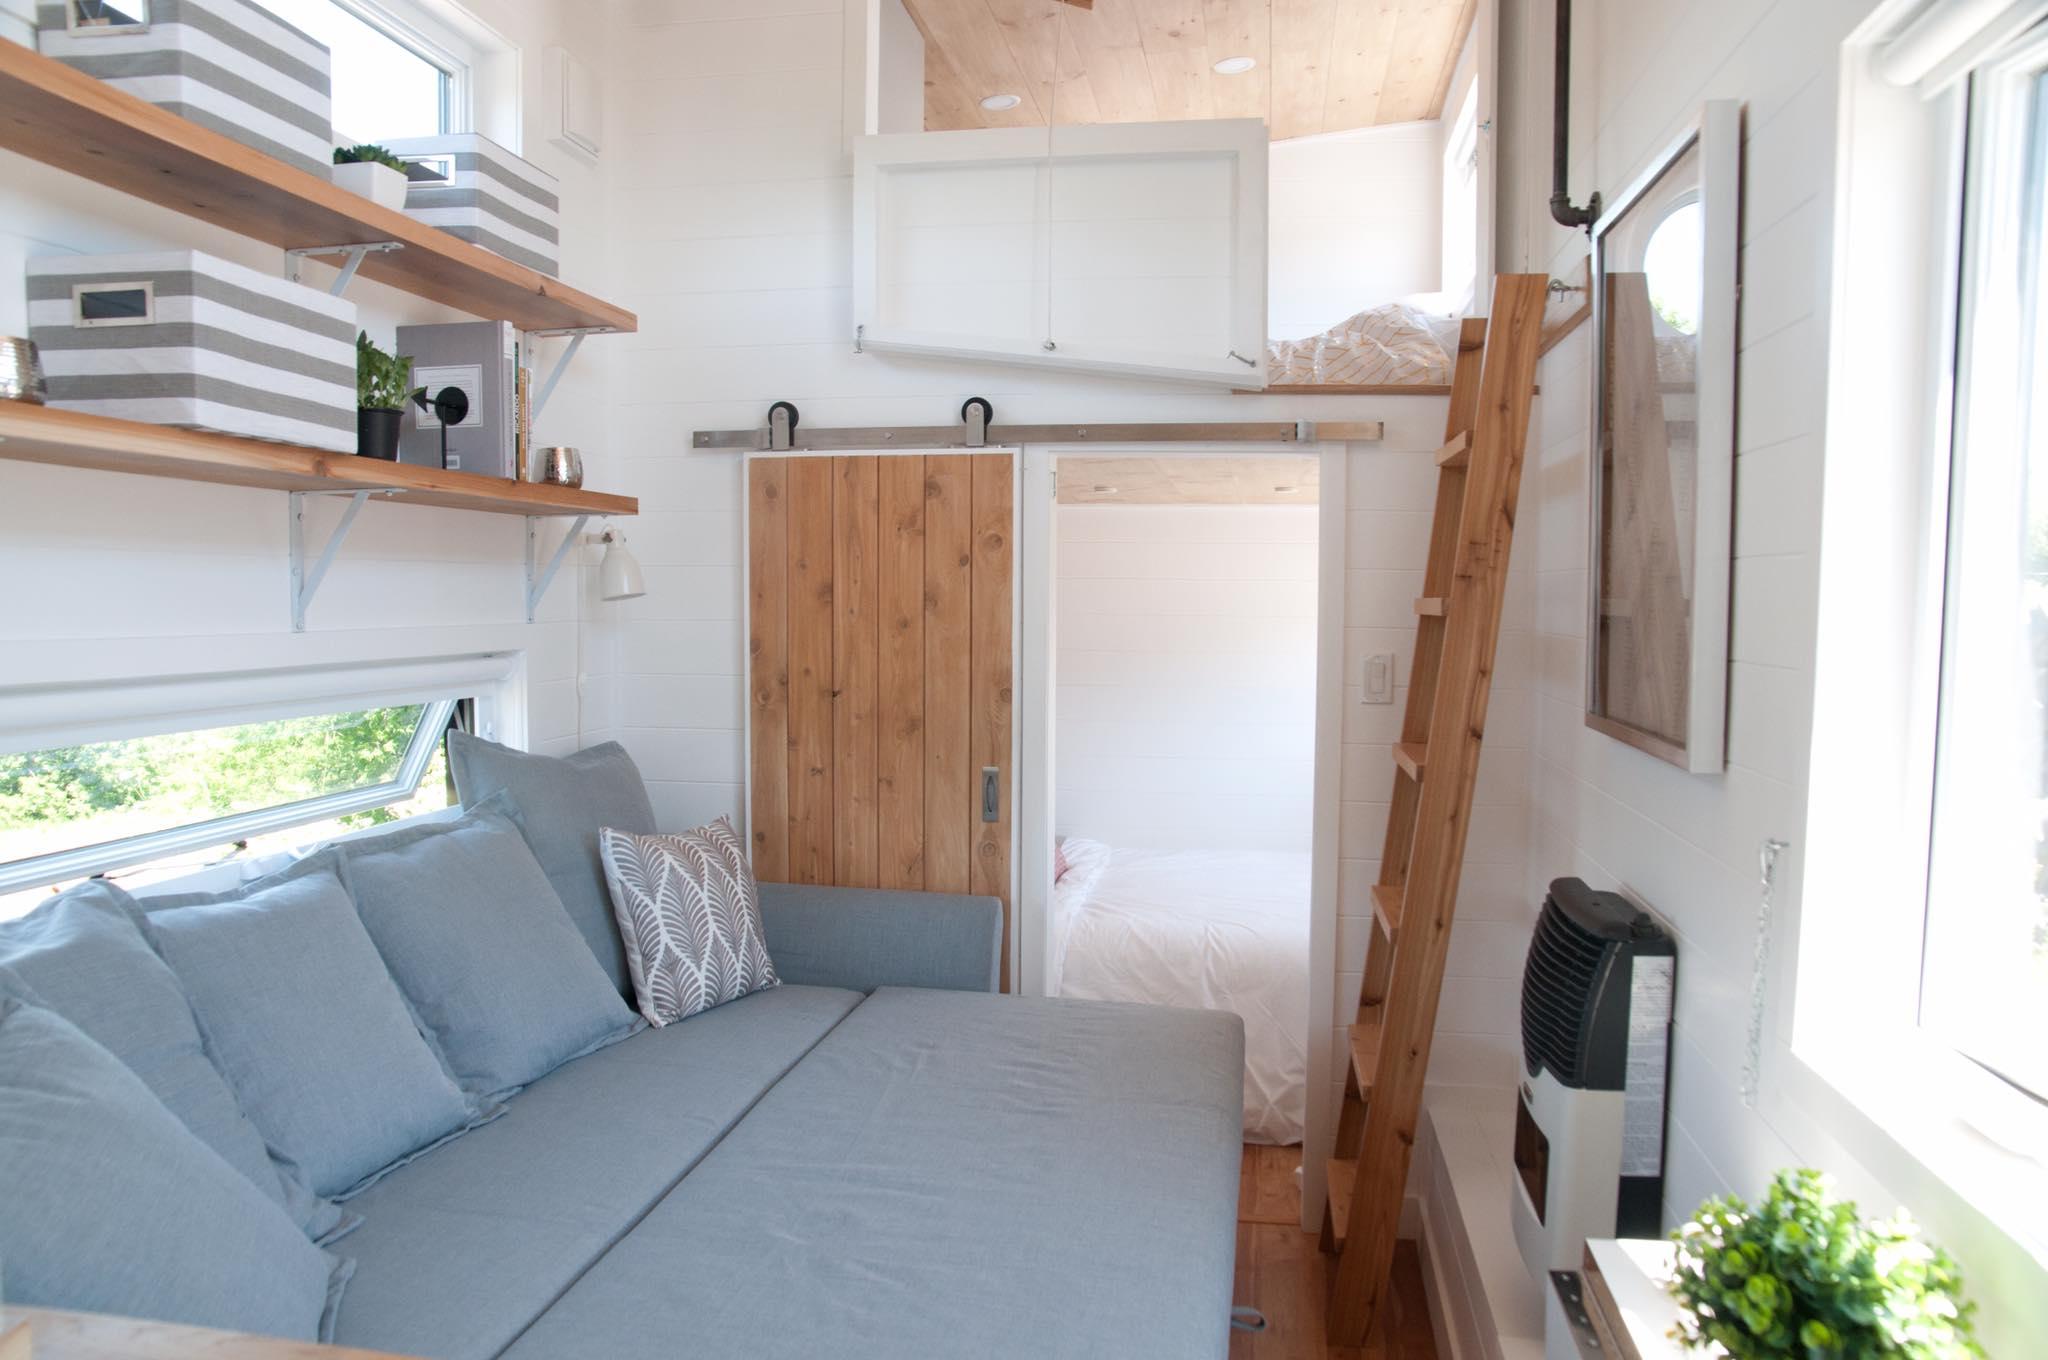 Acadia une nouvelle mini maison cr e par l 39 entreprise for Minimaliste mini maison